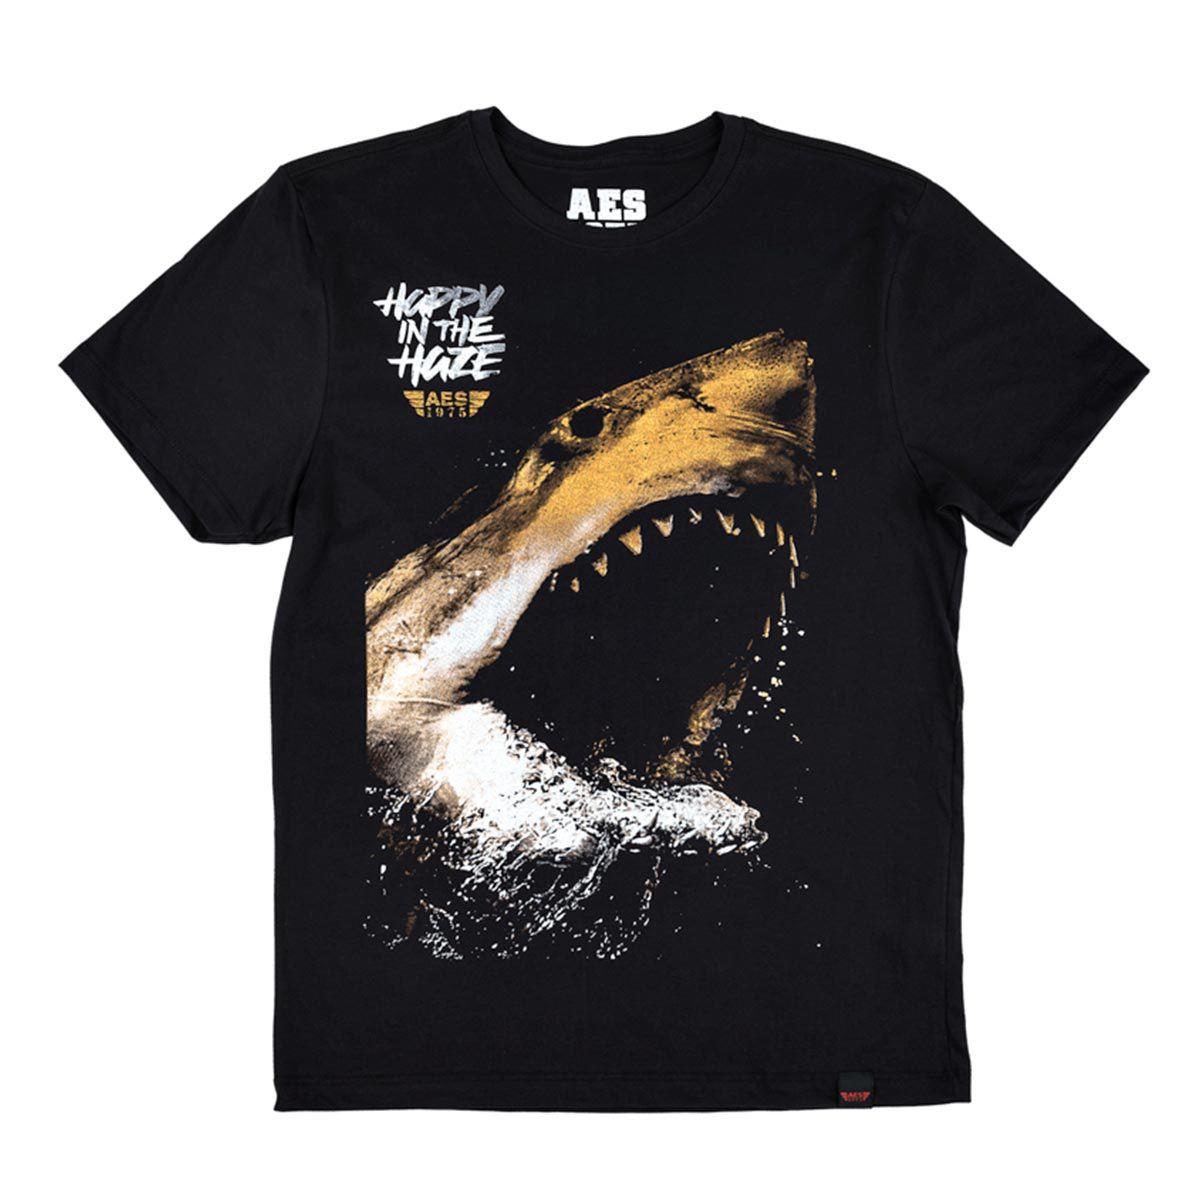 Camiseta AES 1975 Happy in the Haze